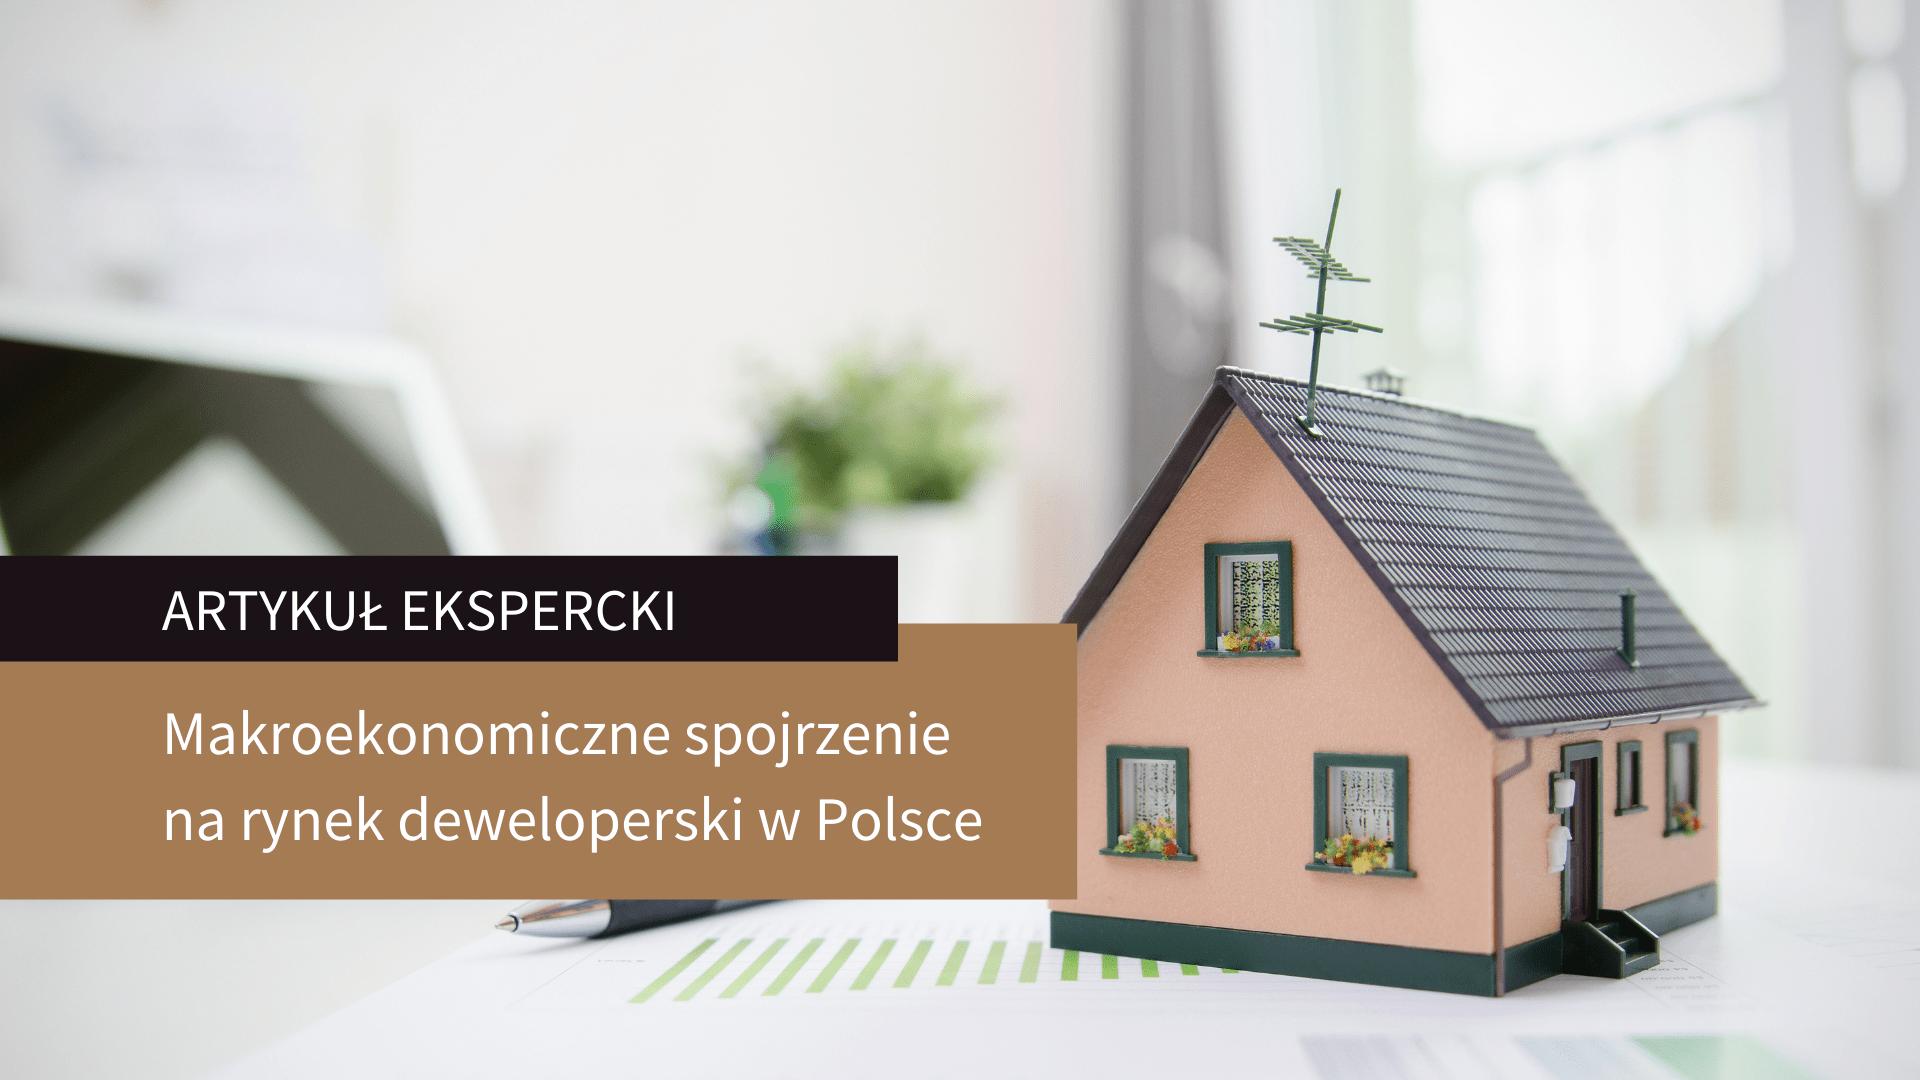 Makroekonomiczne spojrzenie na rynek deweloperski w Polsce